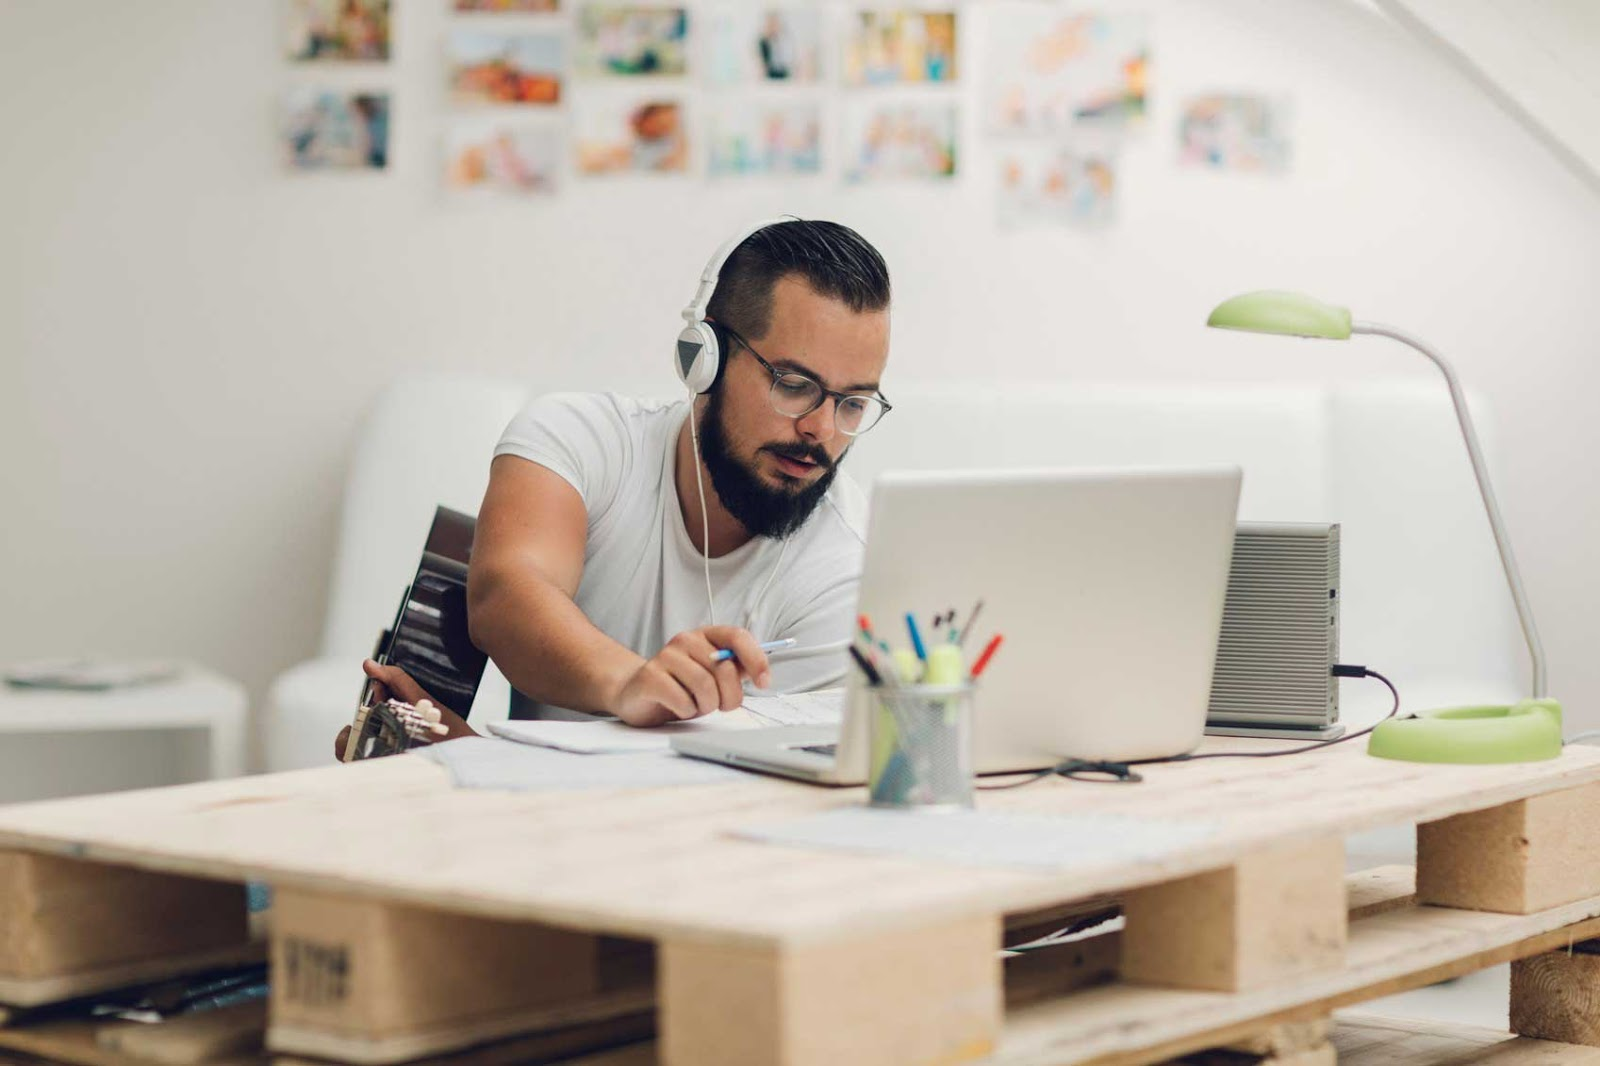 tips trik cara menjadi pekerjaan profesi freelancer online pendapatan penghasilan internet berapa besar gaji honor job vacancy description lowongan apa itu jenis macam pengertian definisi gede cepat kaya penghasilan tambahan sampingan karyawan mahasiswa pelajar lulusan kuliah sarjana langkah panduan praktis